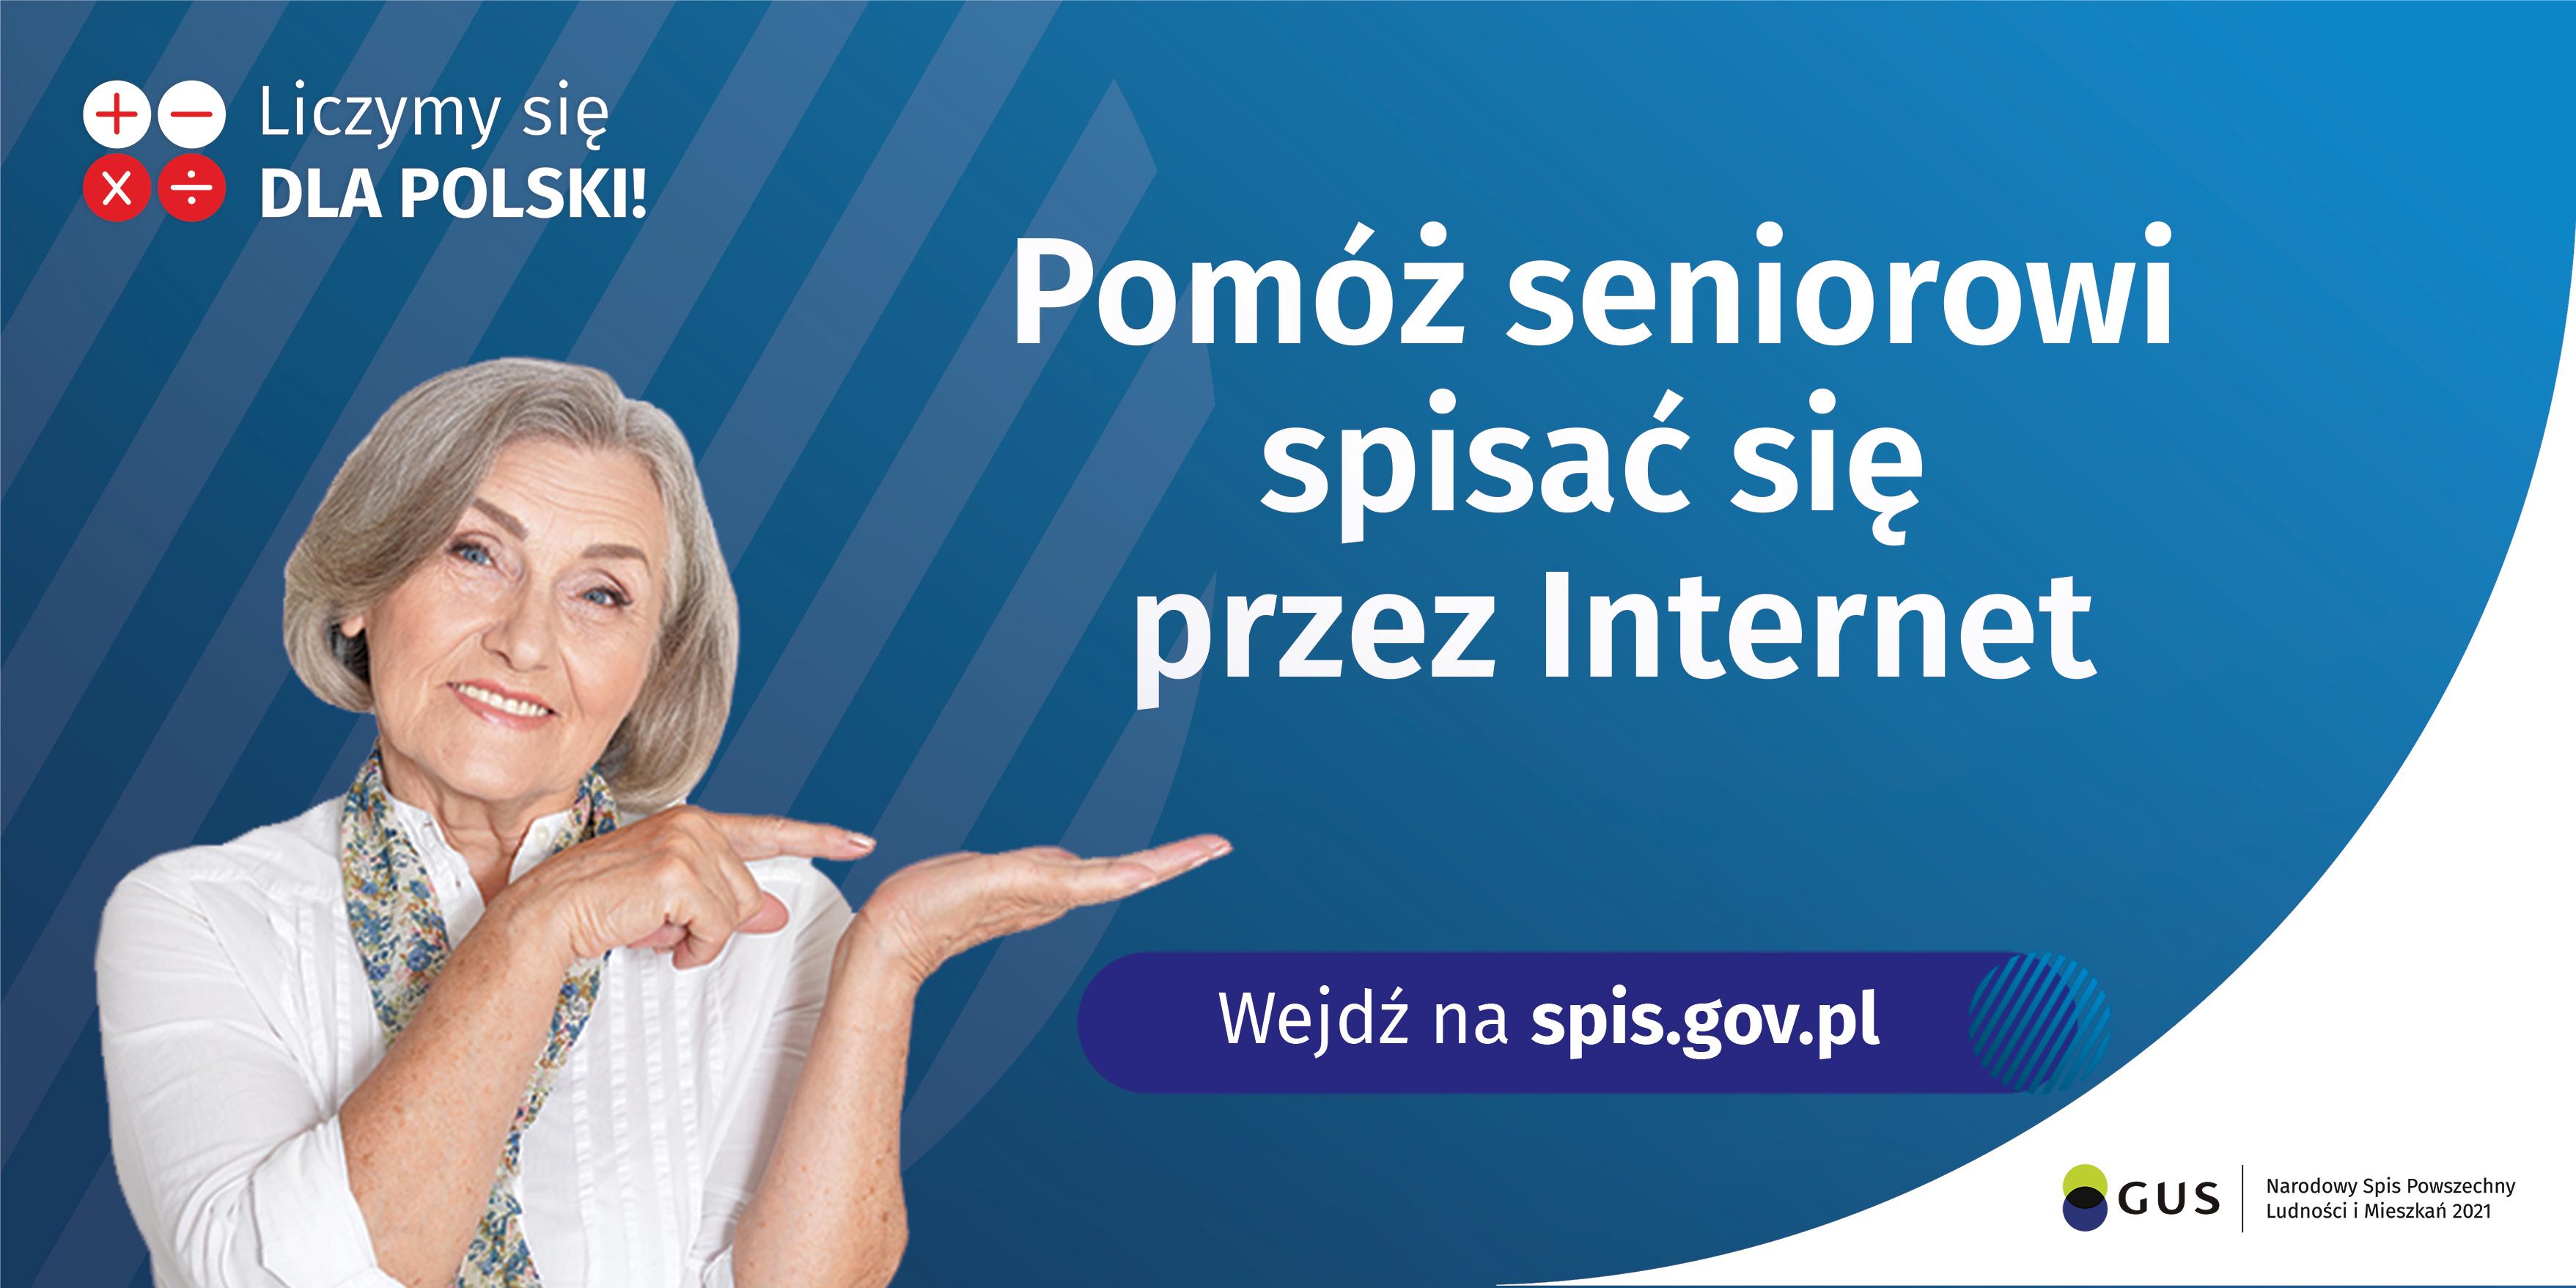 Pomóż seniorowi spisać się przez Internet